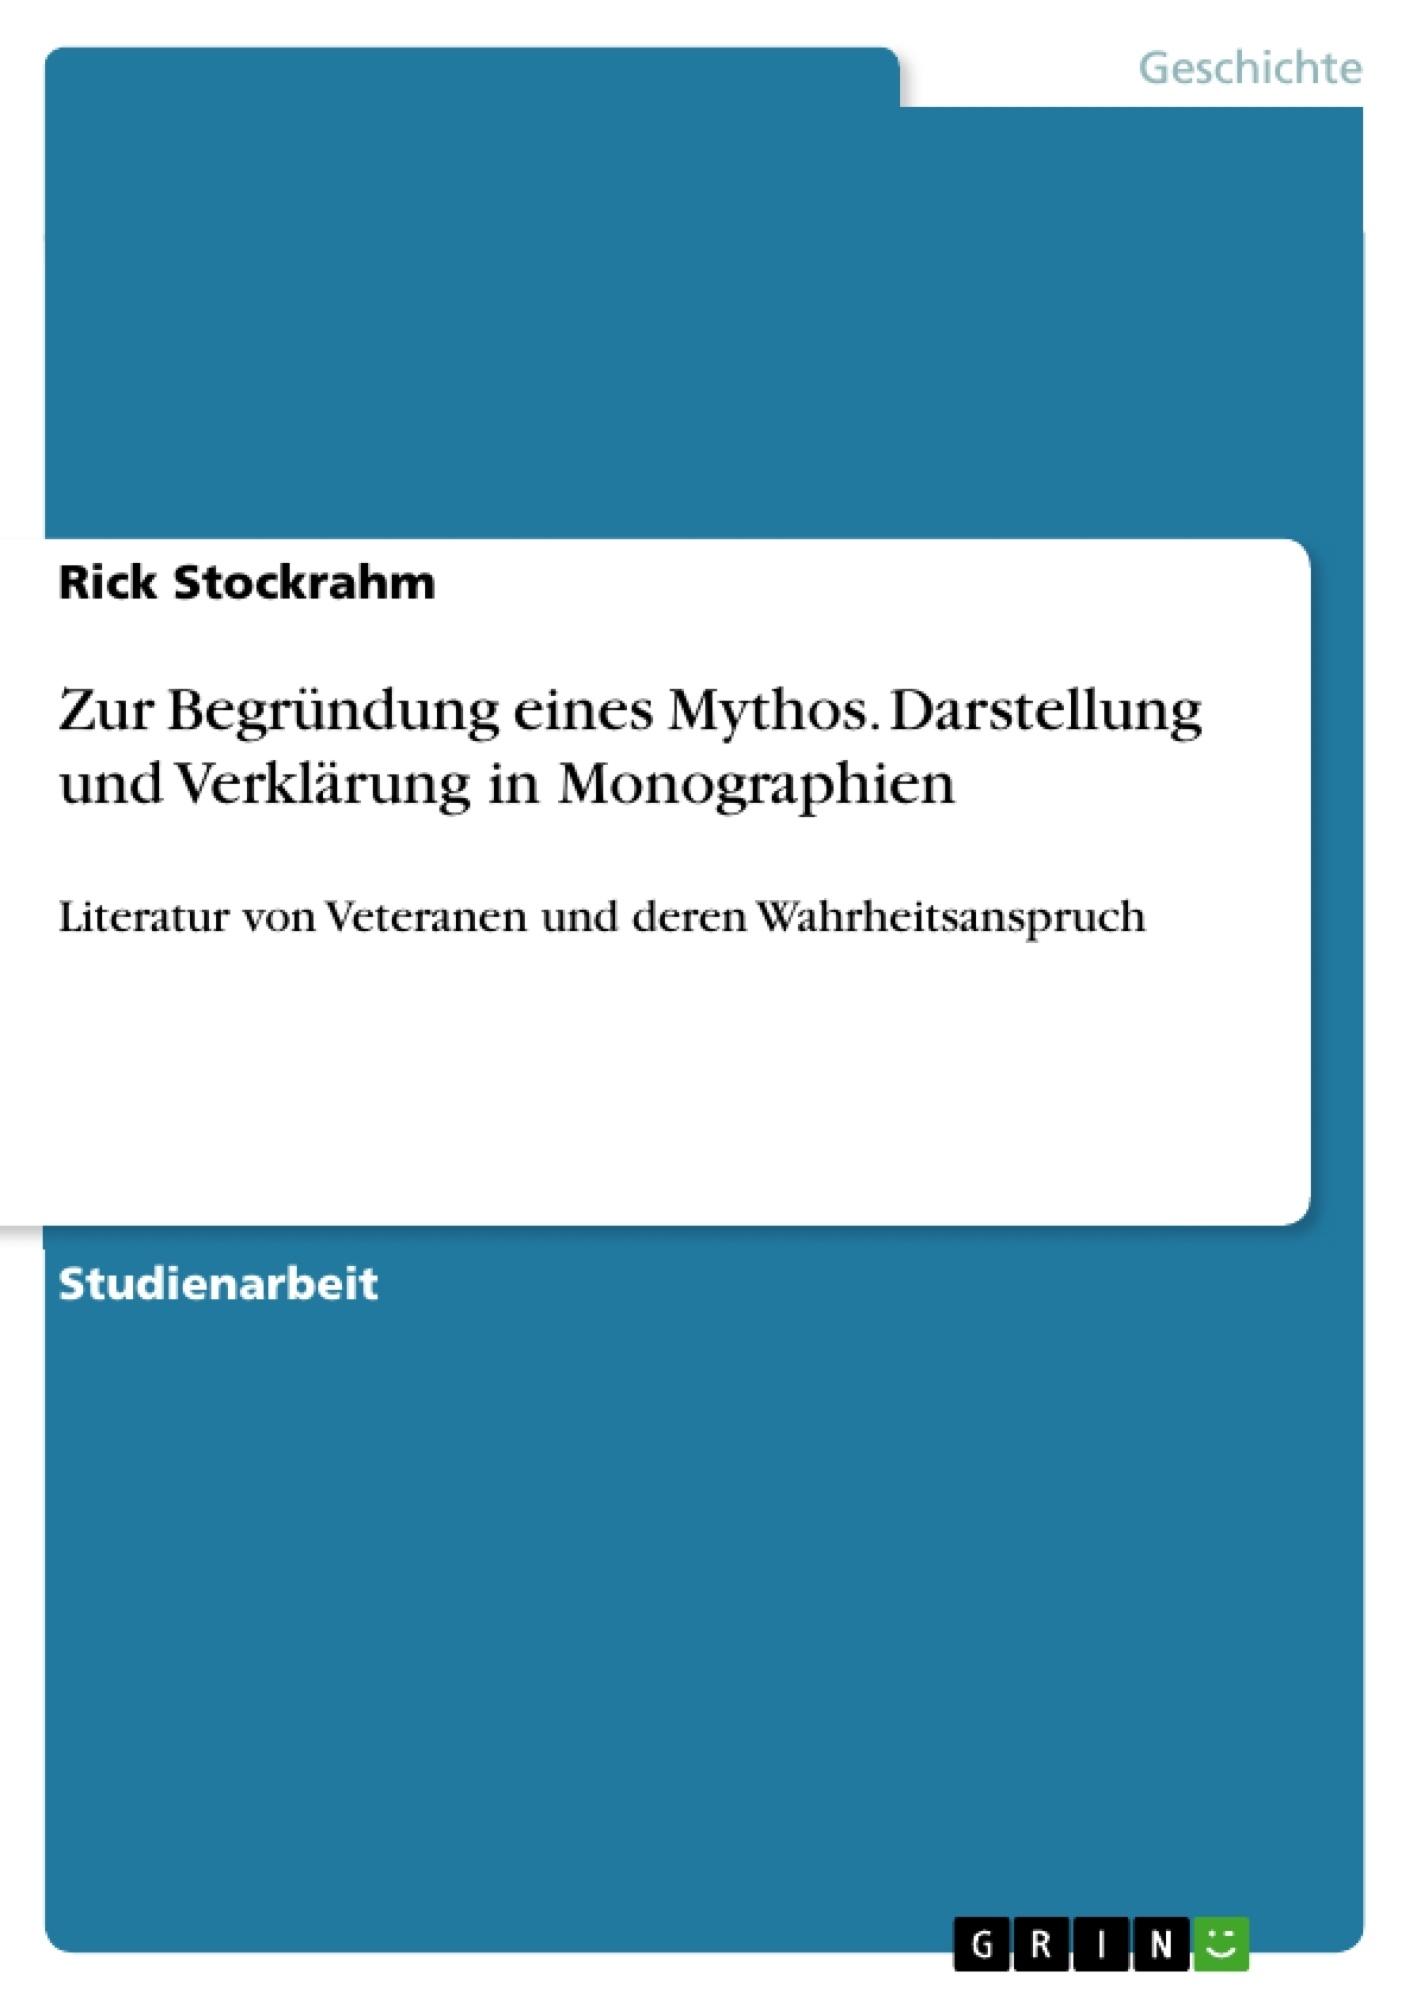 Titel: Zur Begründung eines Mythos. Darstellung und Verklärung in Monographien